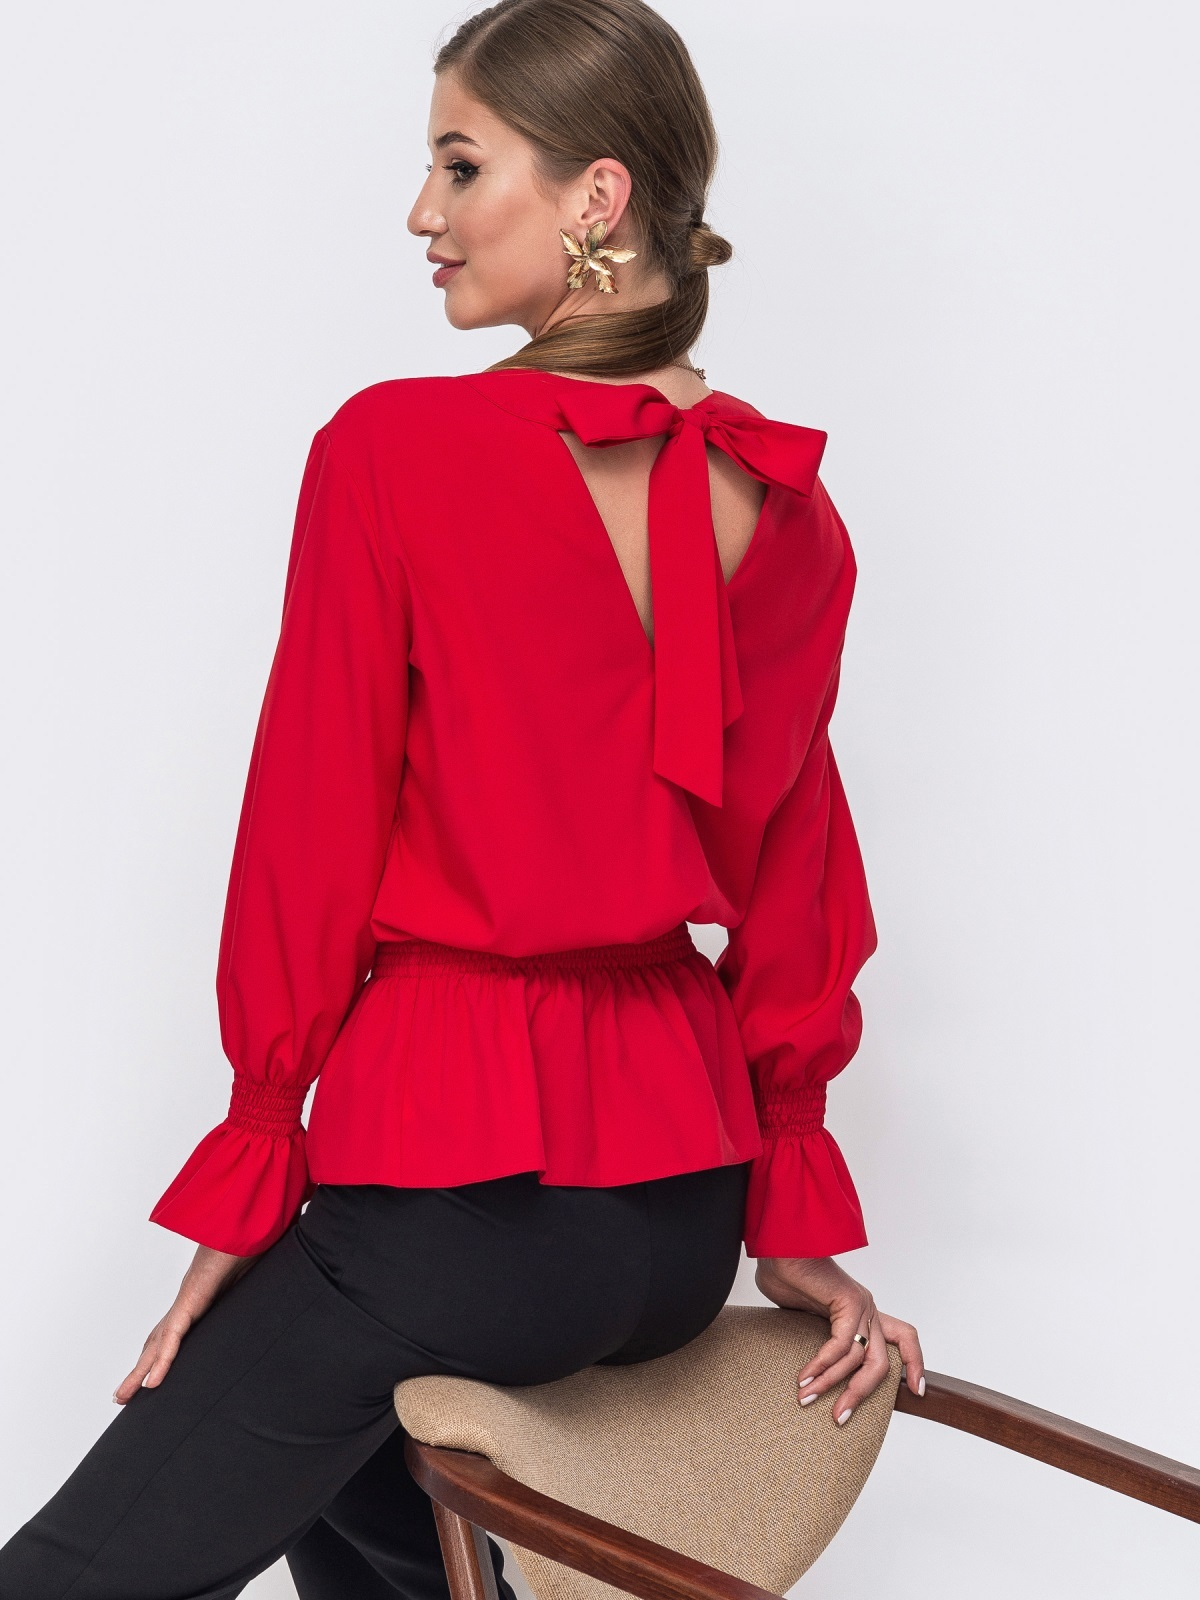 Красная блузка с вырезом по спинке и бантом 49389, фото 1